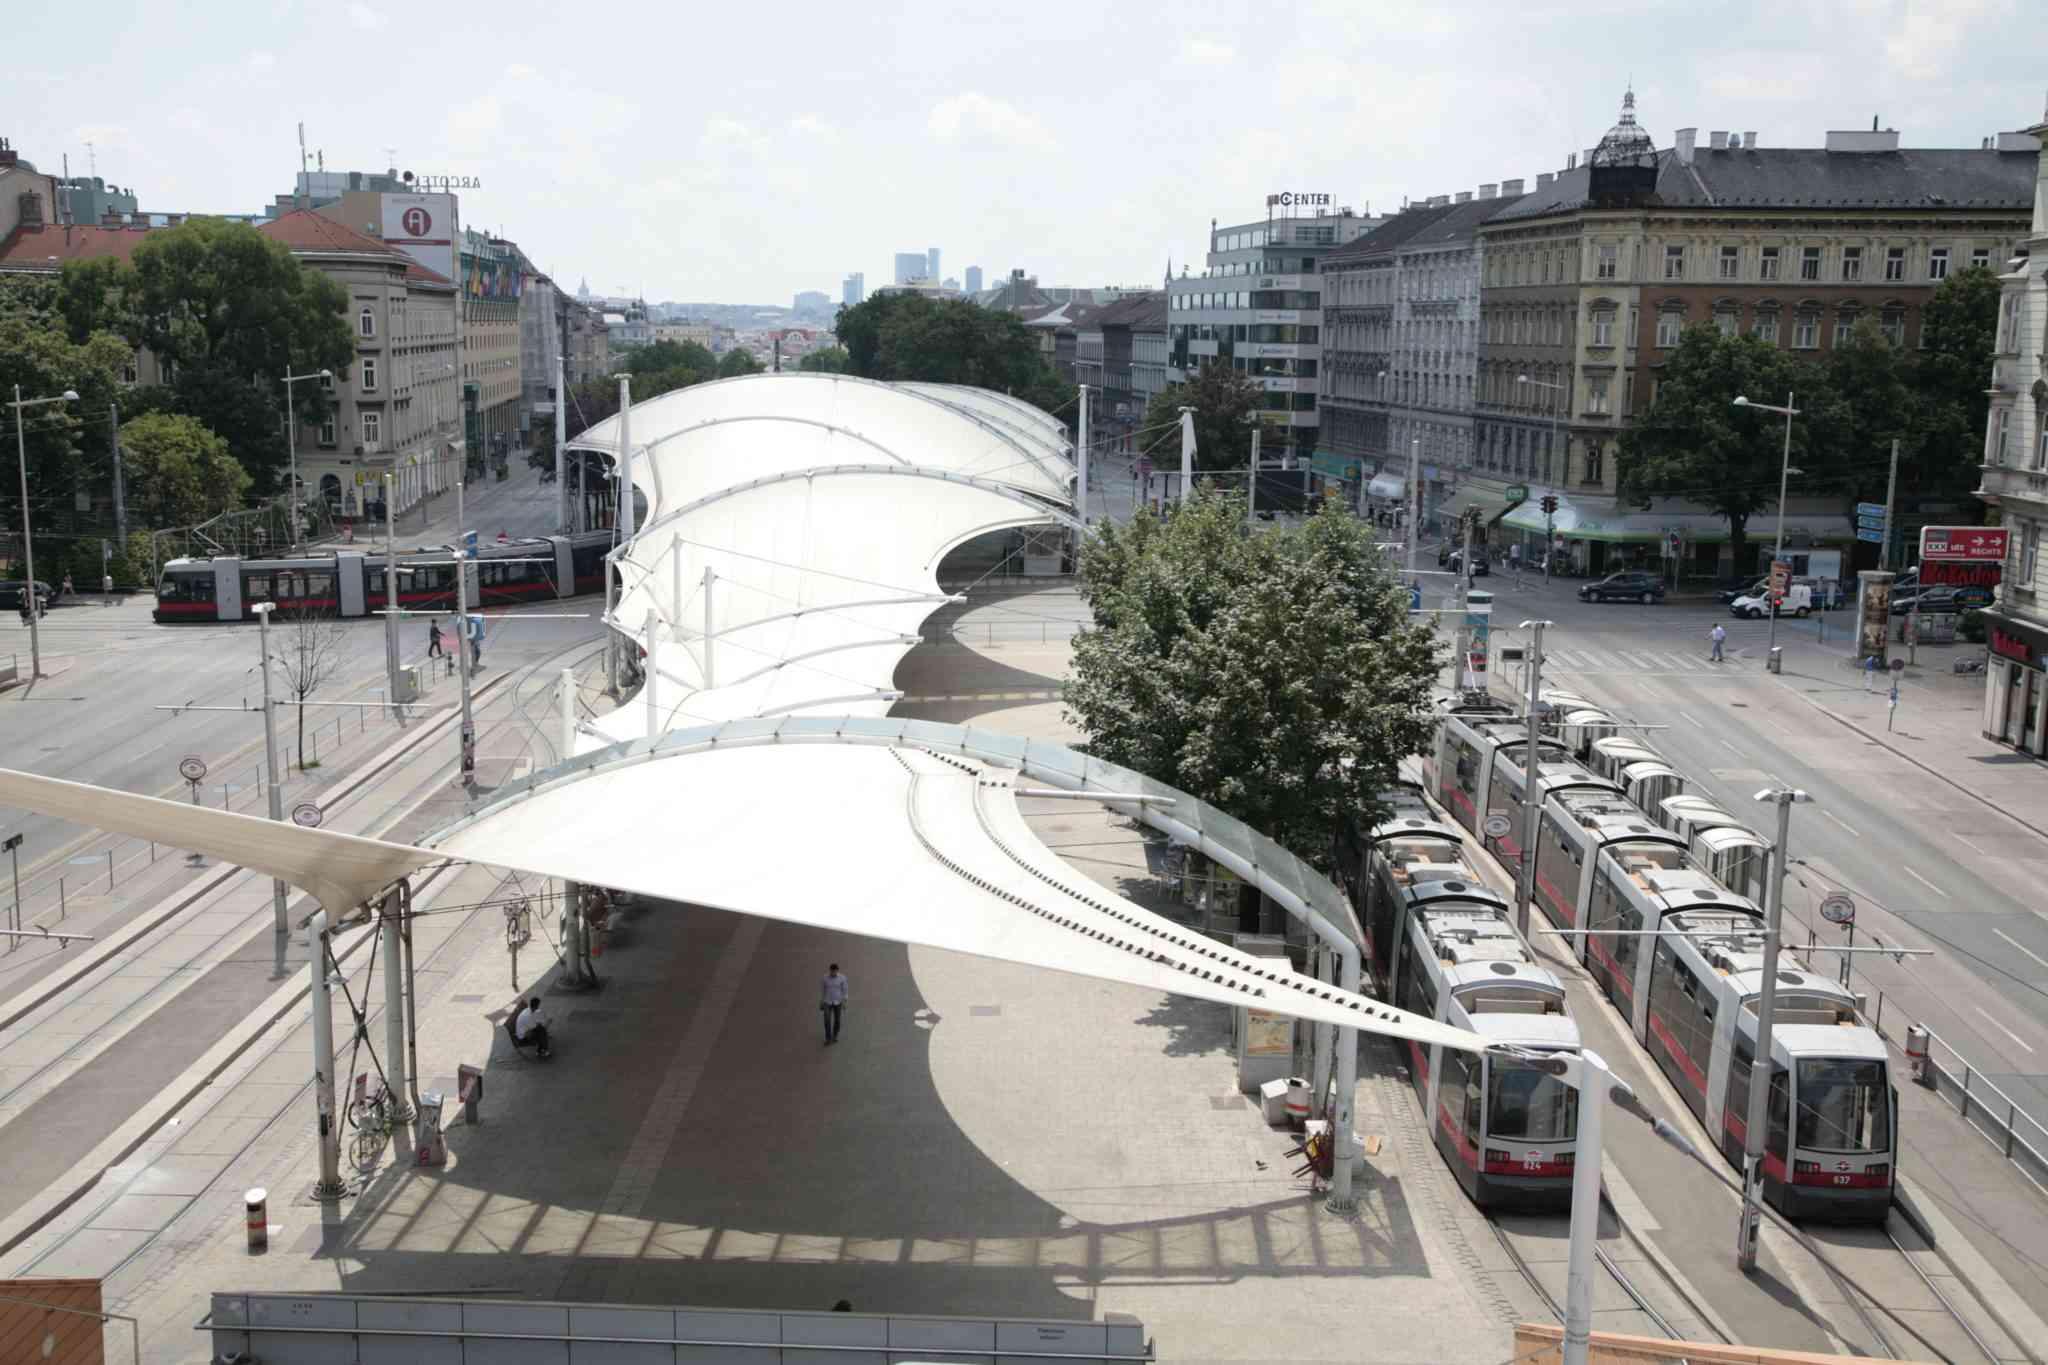 Von Station zu Station fahren die Linien 6 und 18 nur 88 Meter.